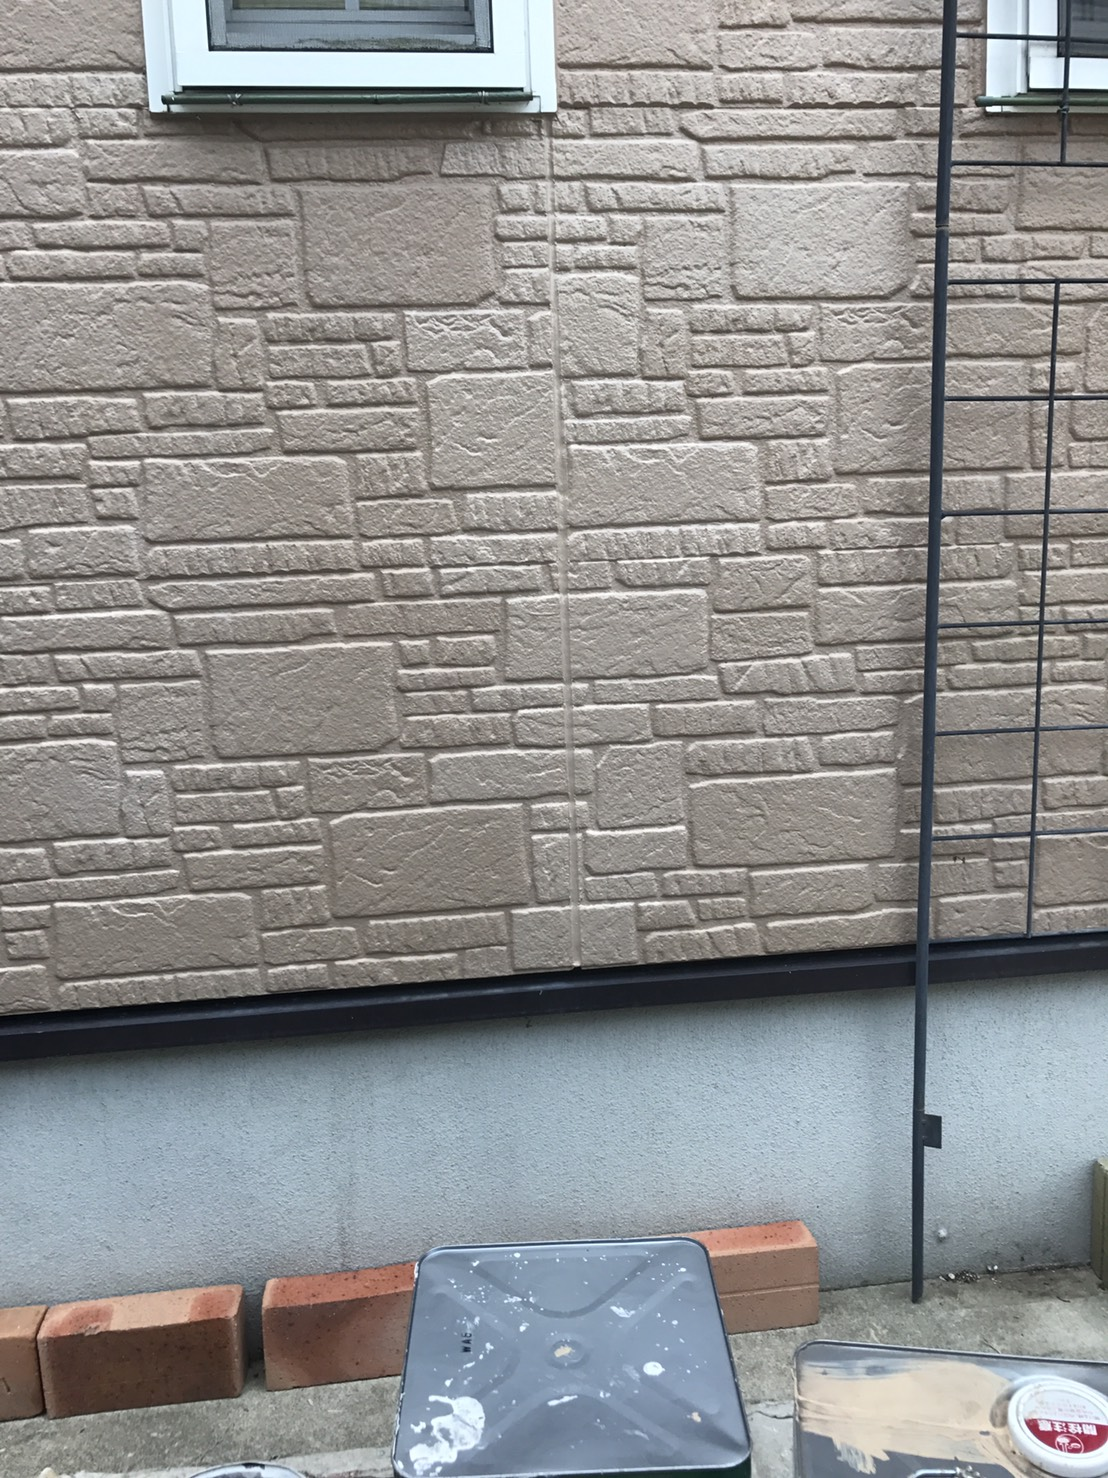 兵庫県T様邸コーキング部分の補修工事 - AFTER